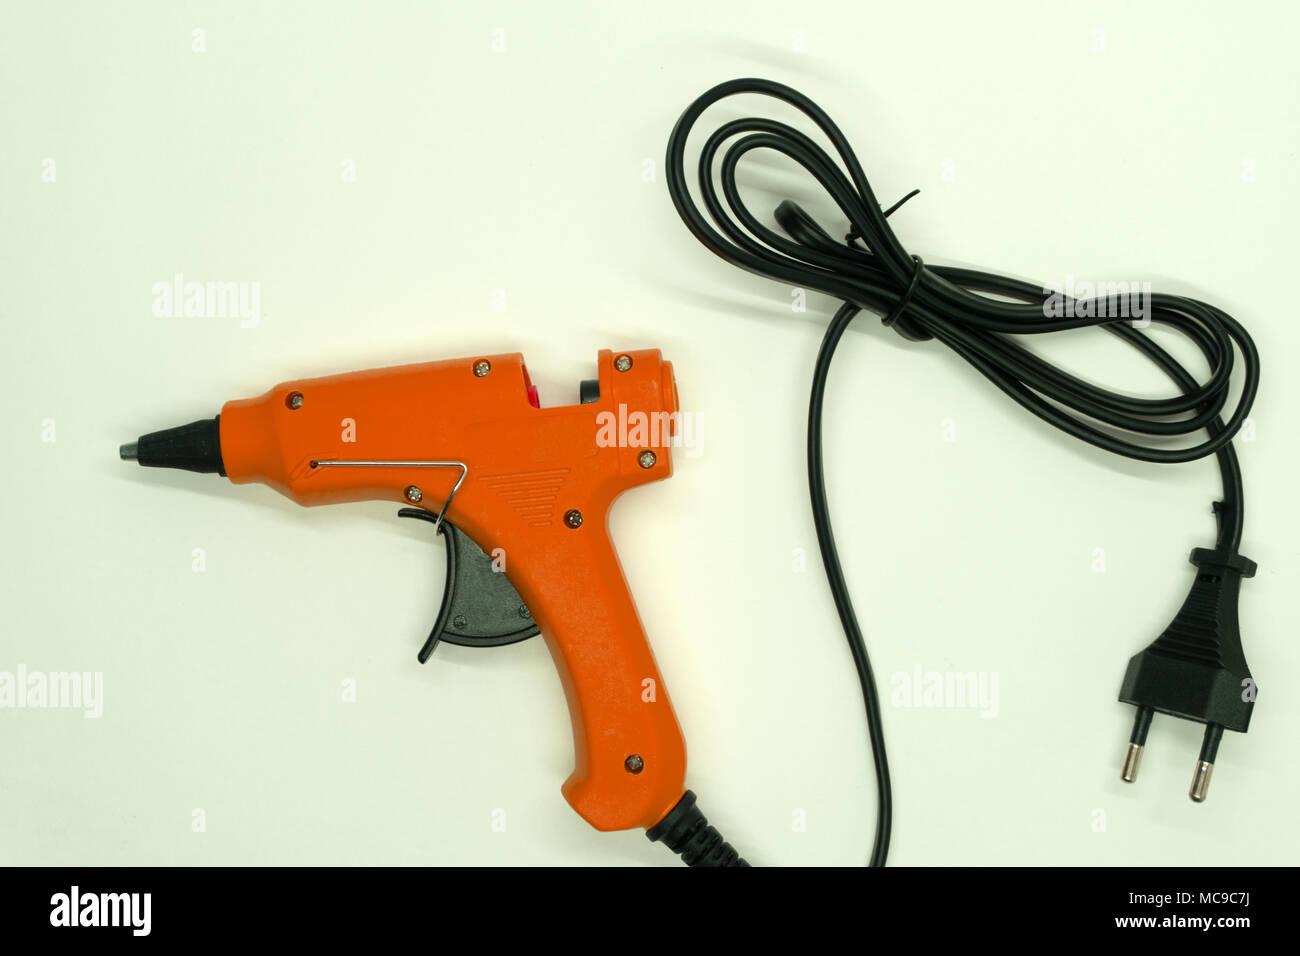 heißklebepistole stick klebrige werkzeug weiß stockfoto, bild